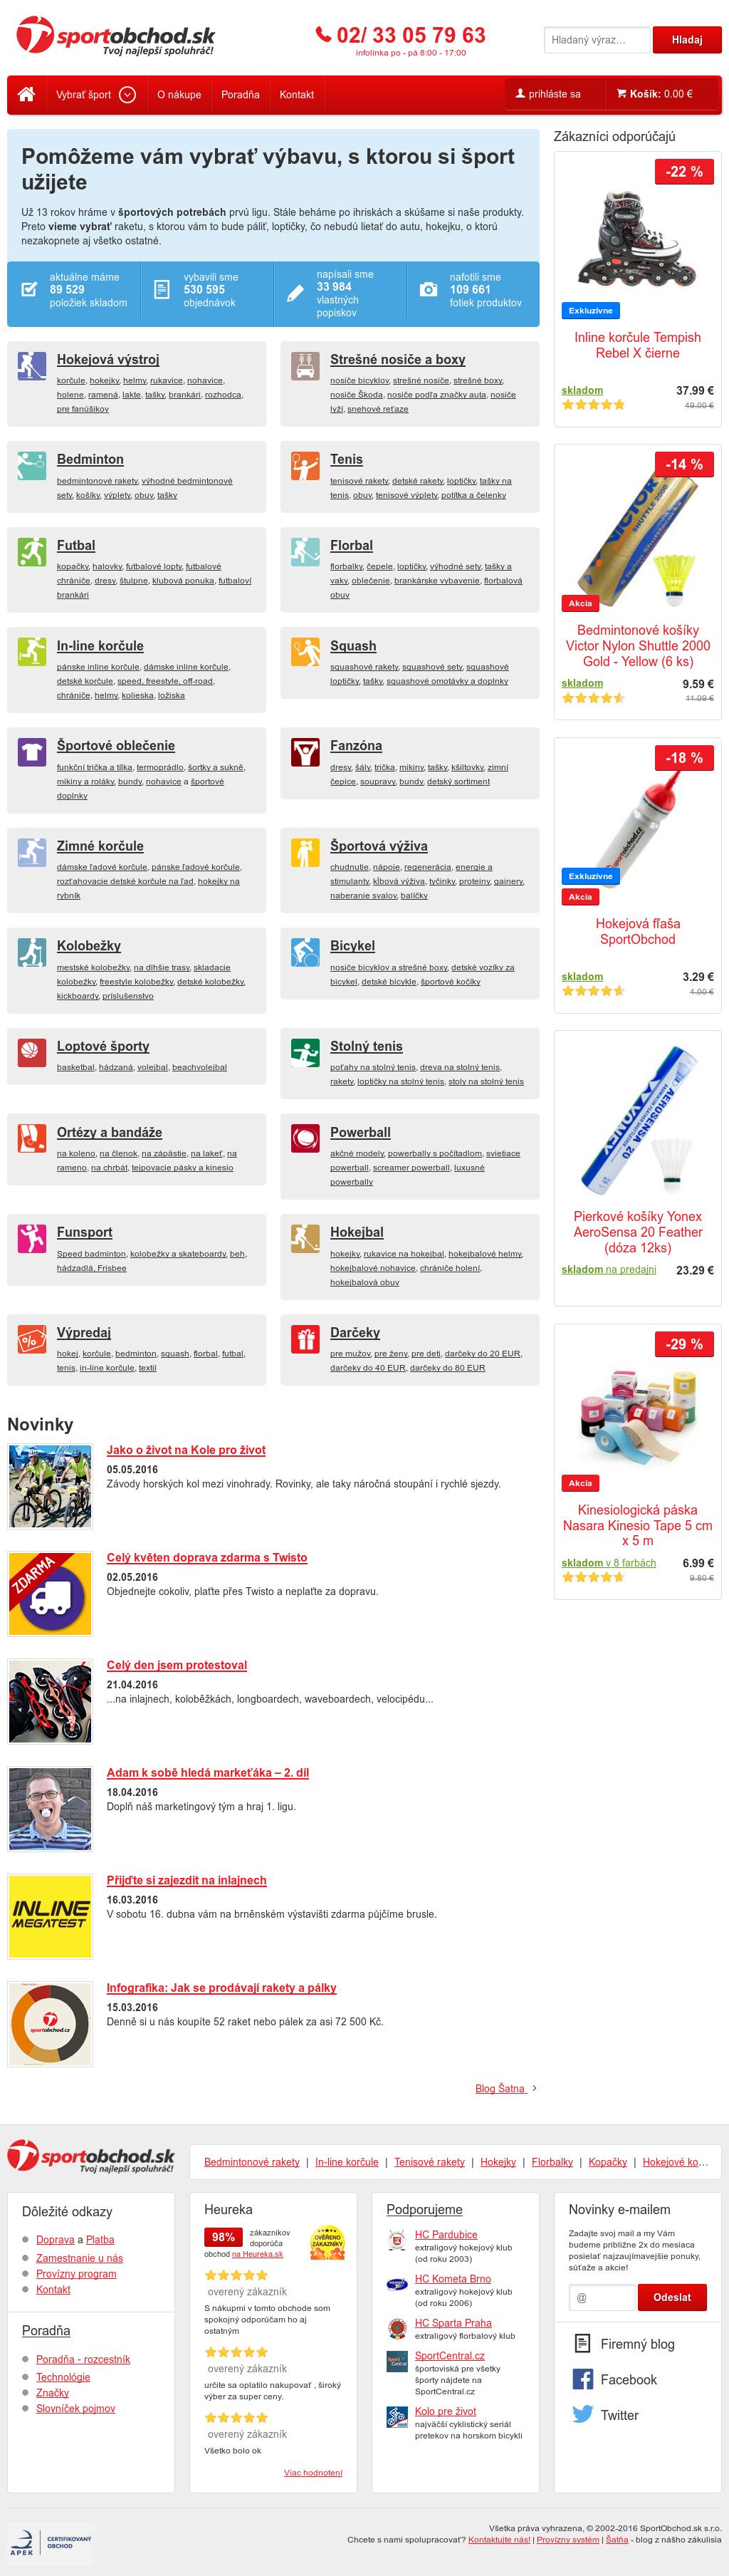 10e372e71 Sportobchod Competitors, Revenue and Employees - Owler Company Profile